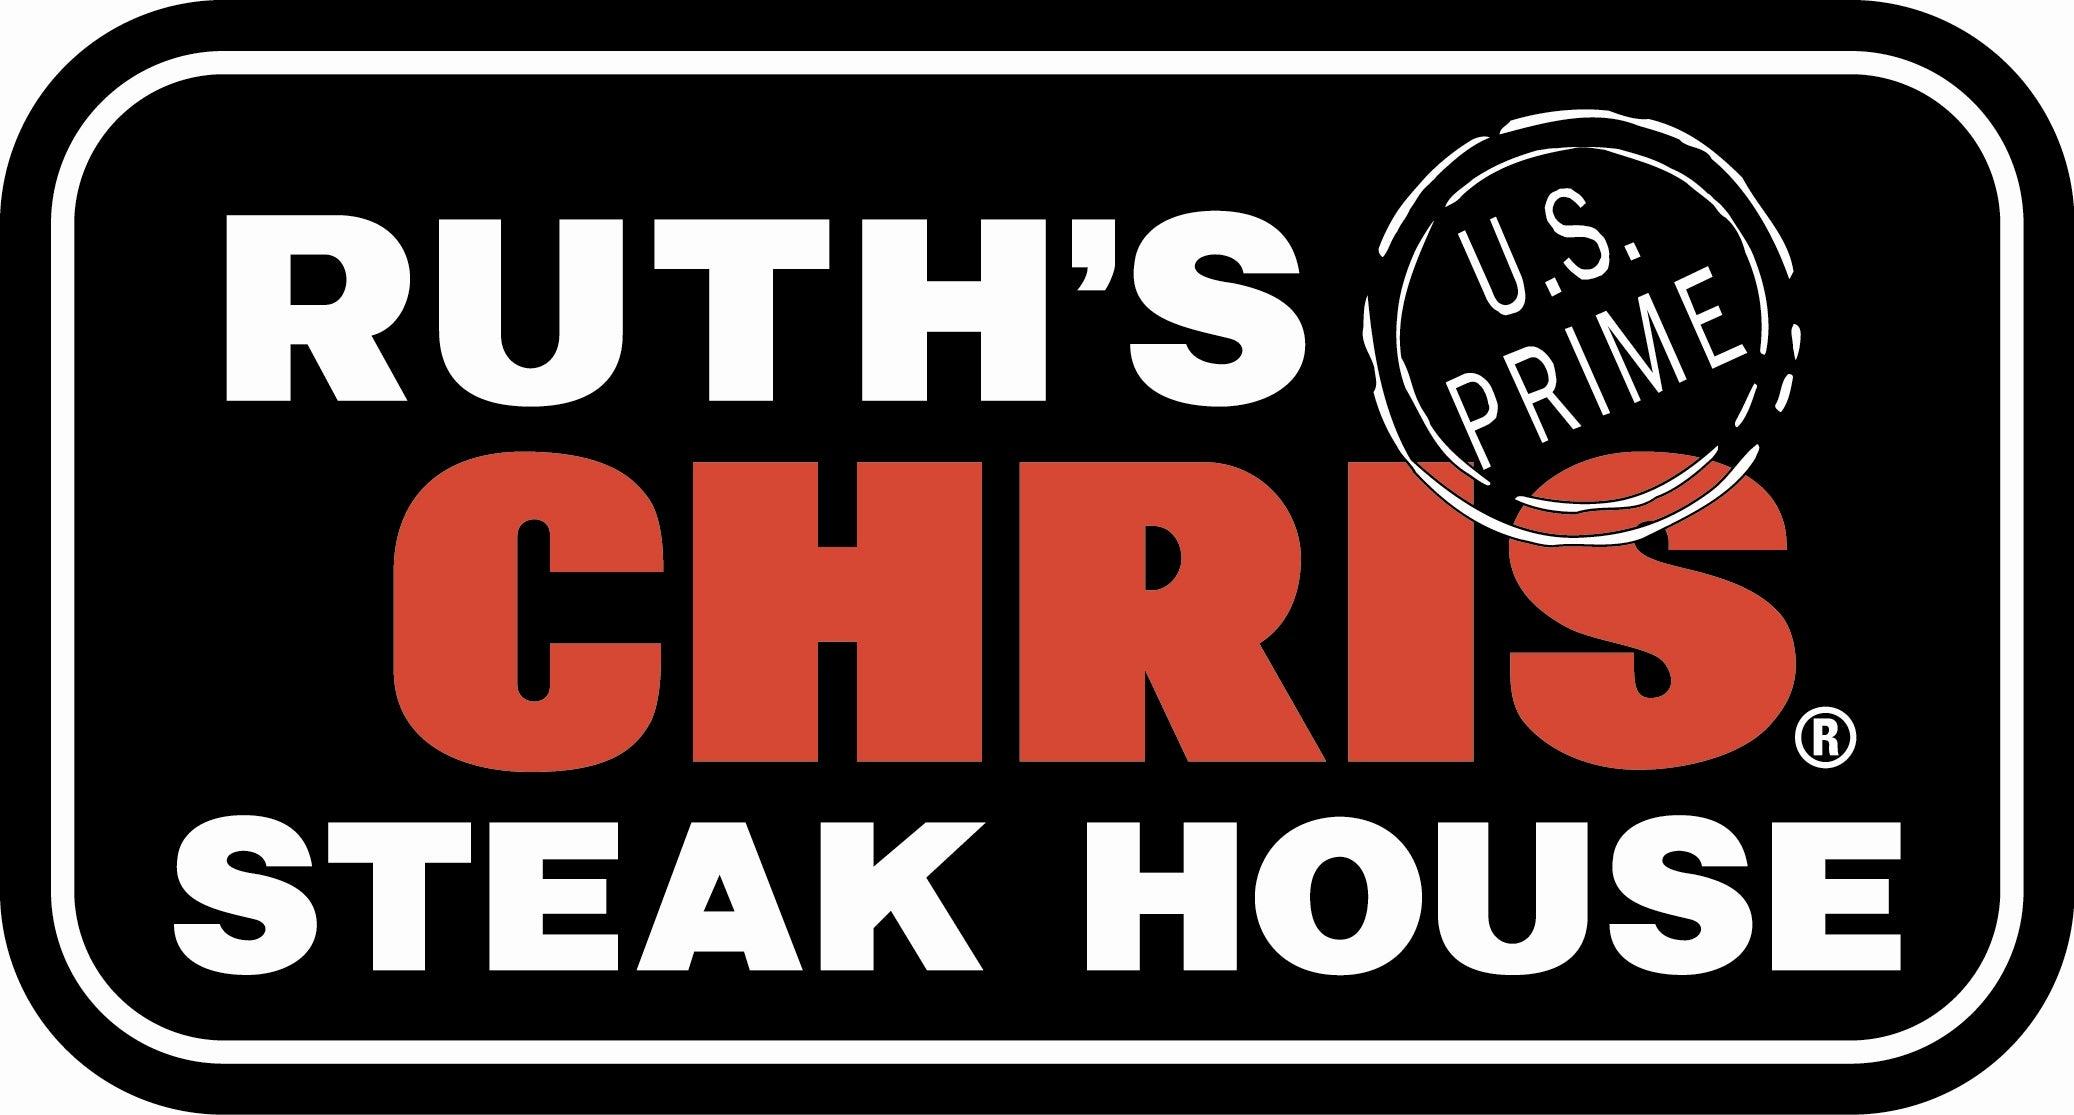 RuthChrisSteakhouse Logo.jpeg